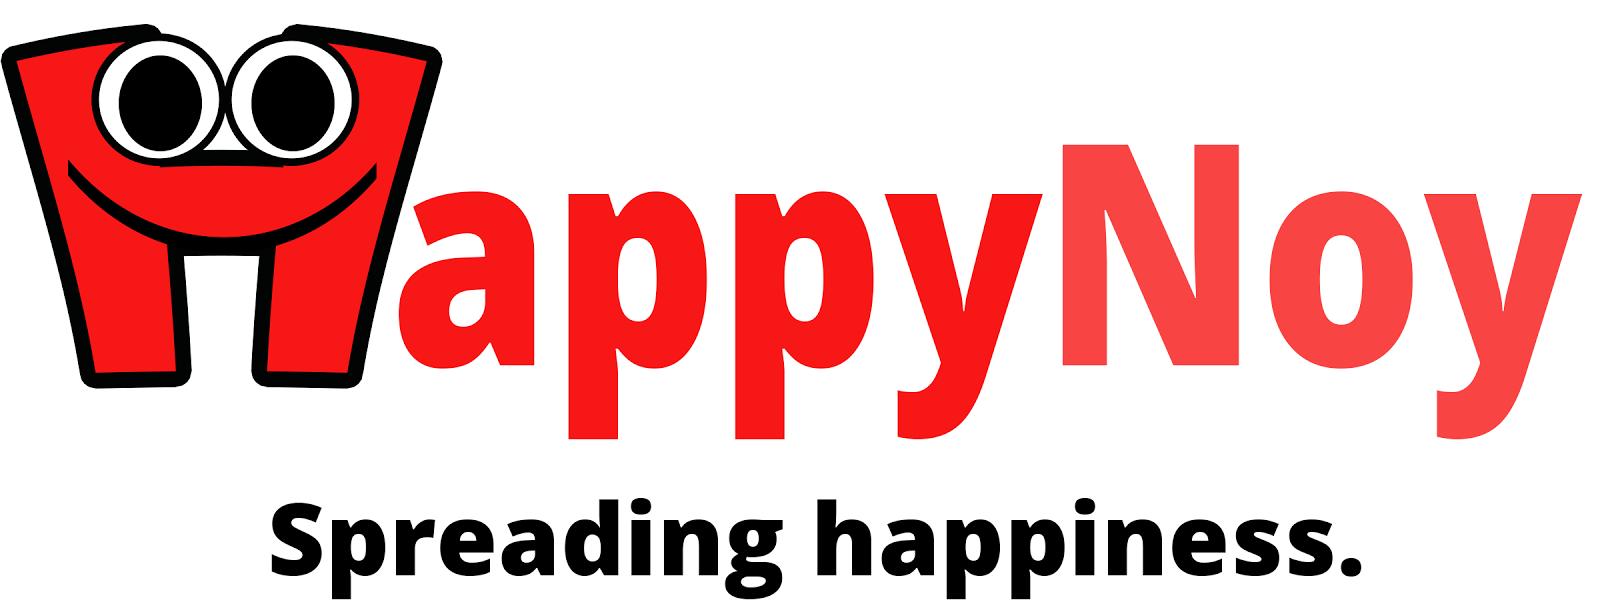 Happynoy